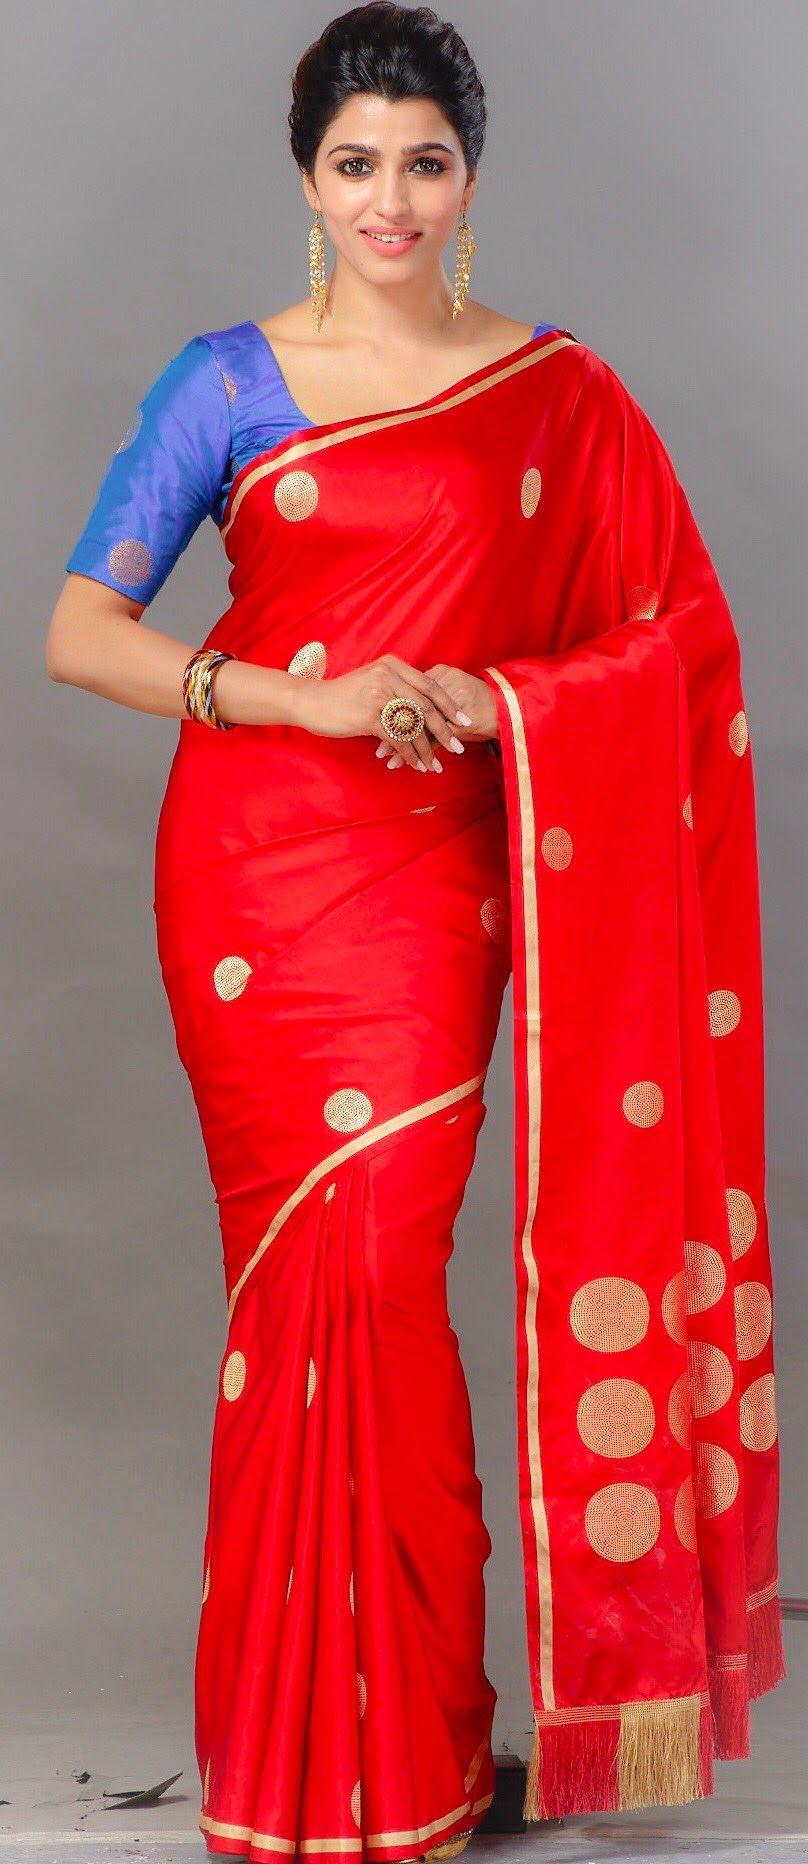 Sai-Dhanshika-Images-54